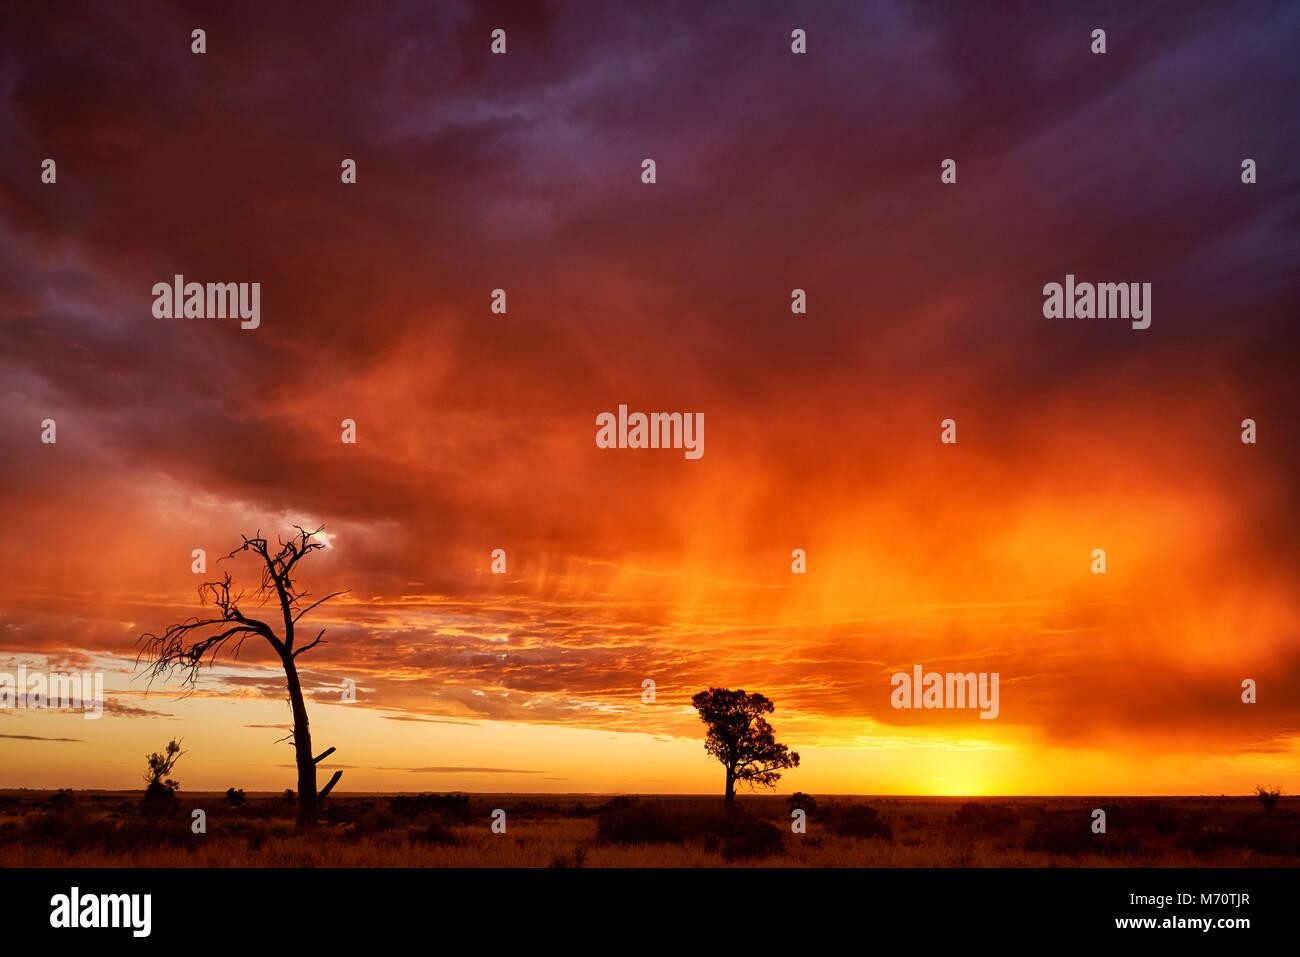 Bordo del sistema meteo mobile al di sopra della North Western Victoria al tramonto. Immagini Stock